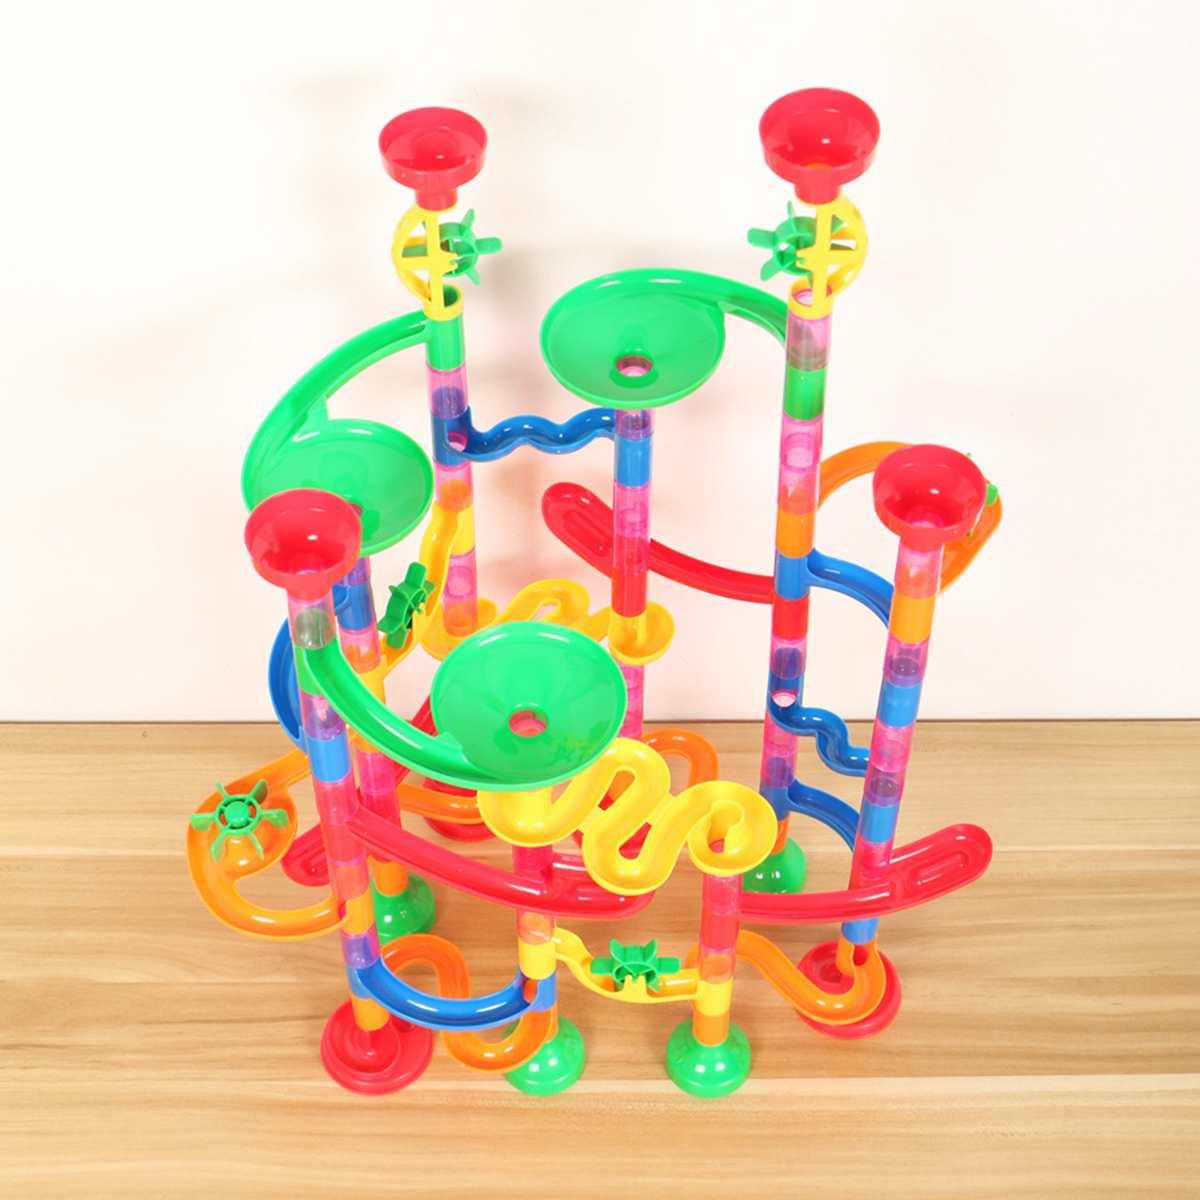 Rolo Bola de Brinquedos de Presente de Natal